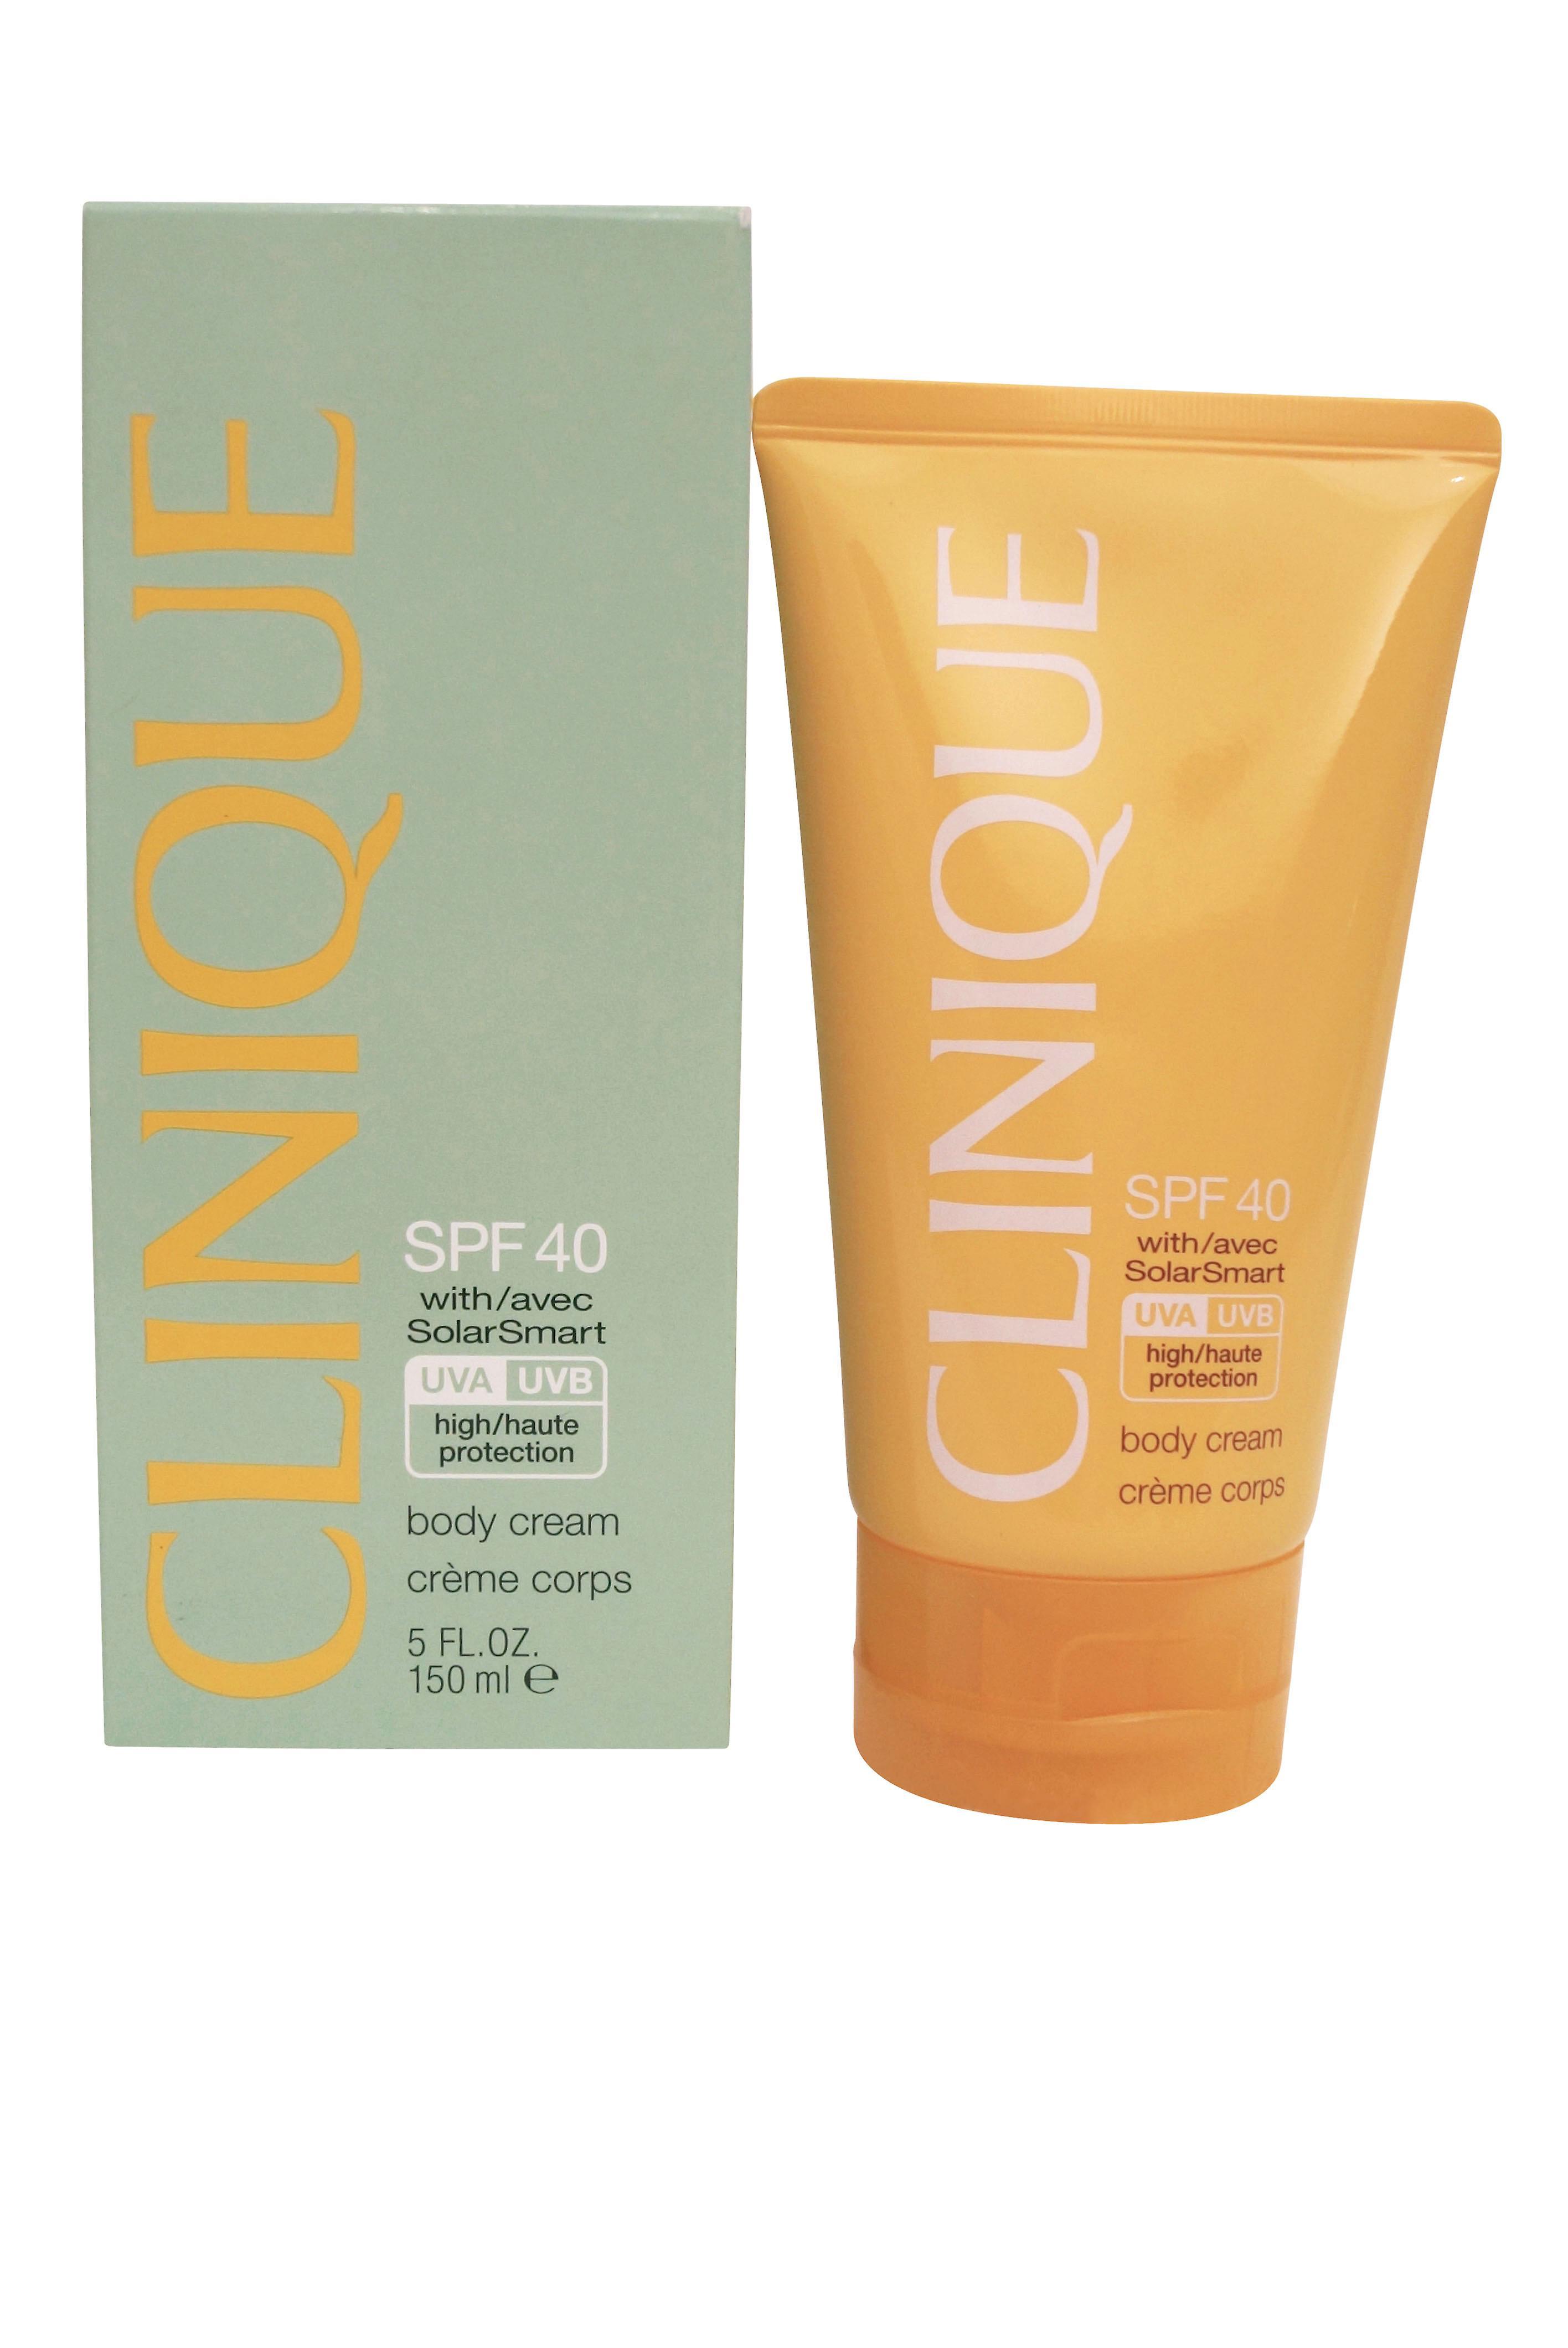 Clinique Body Cream SPF 40, 5 Oz